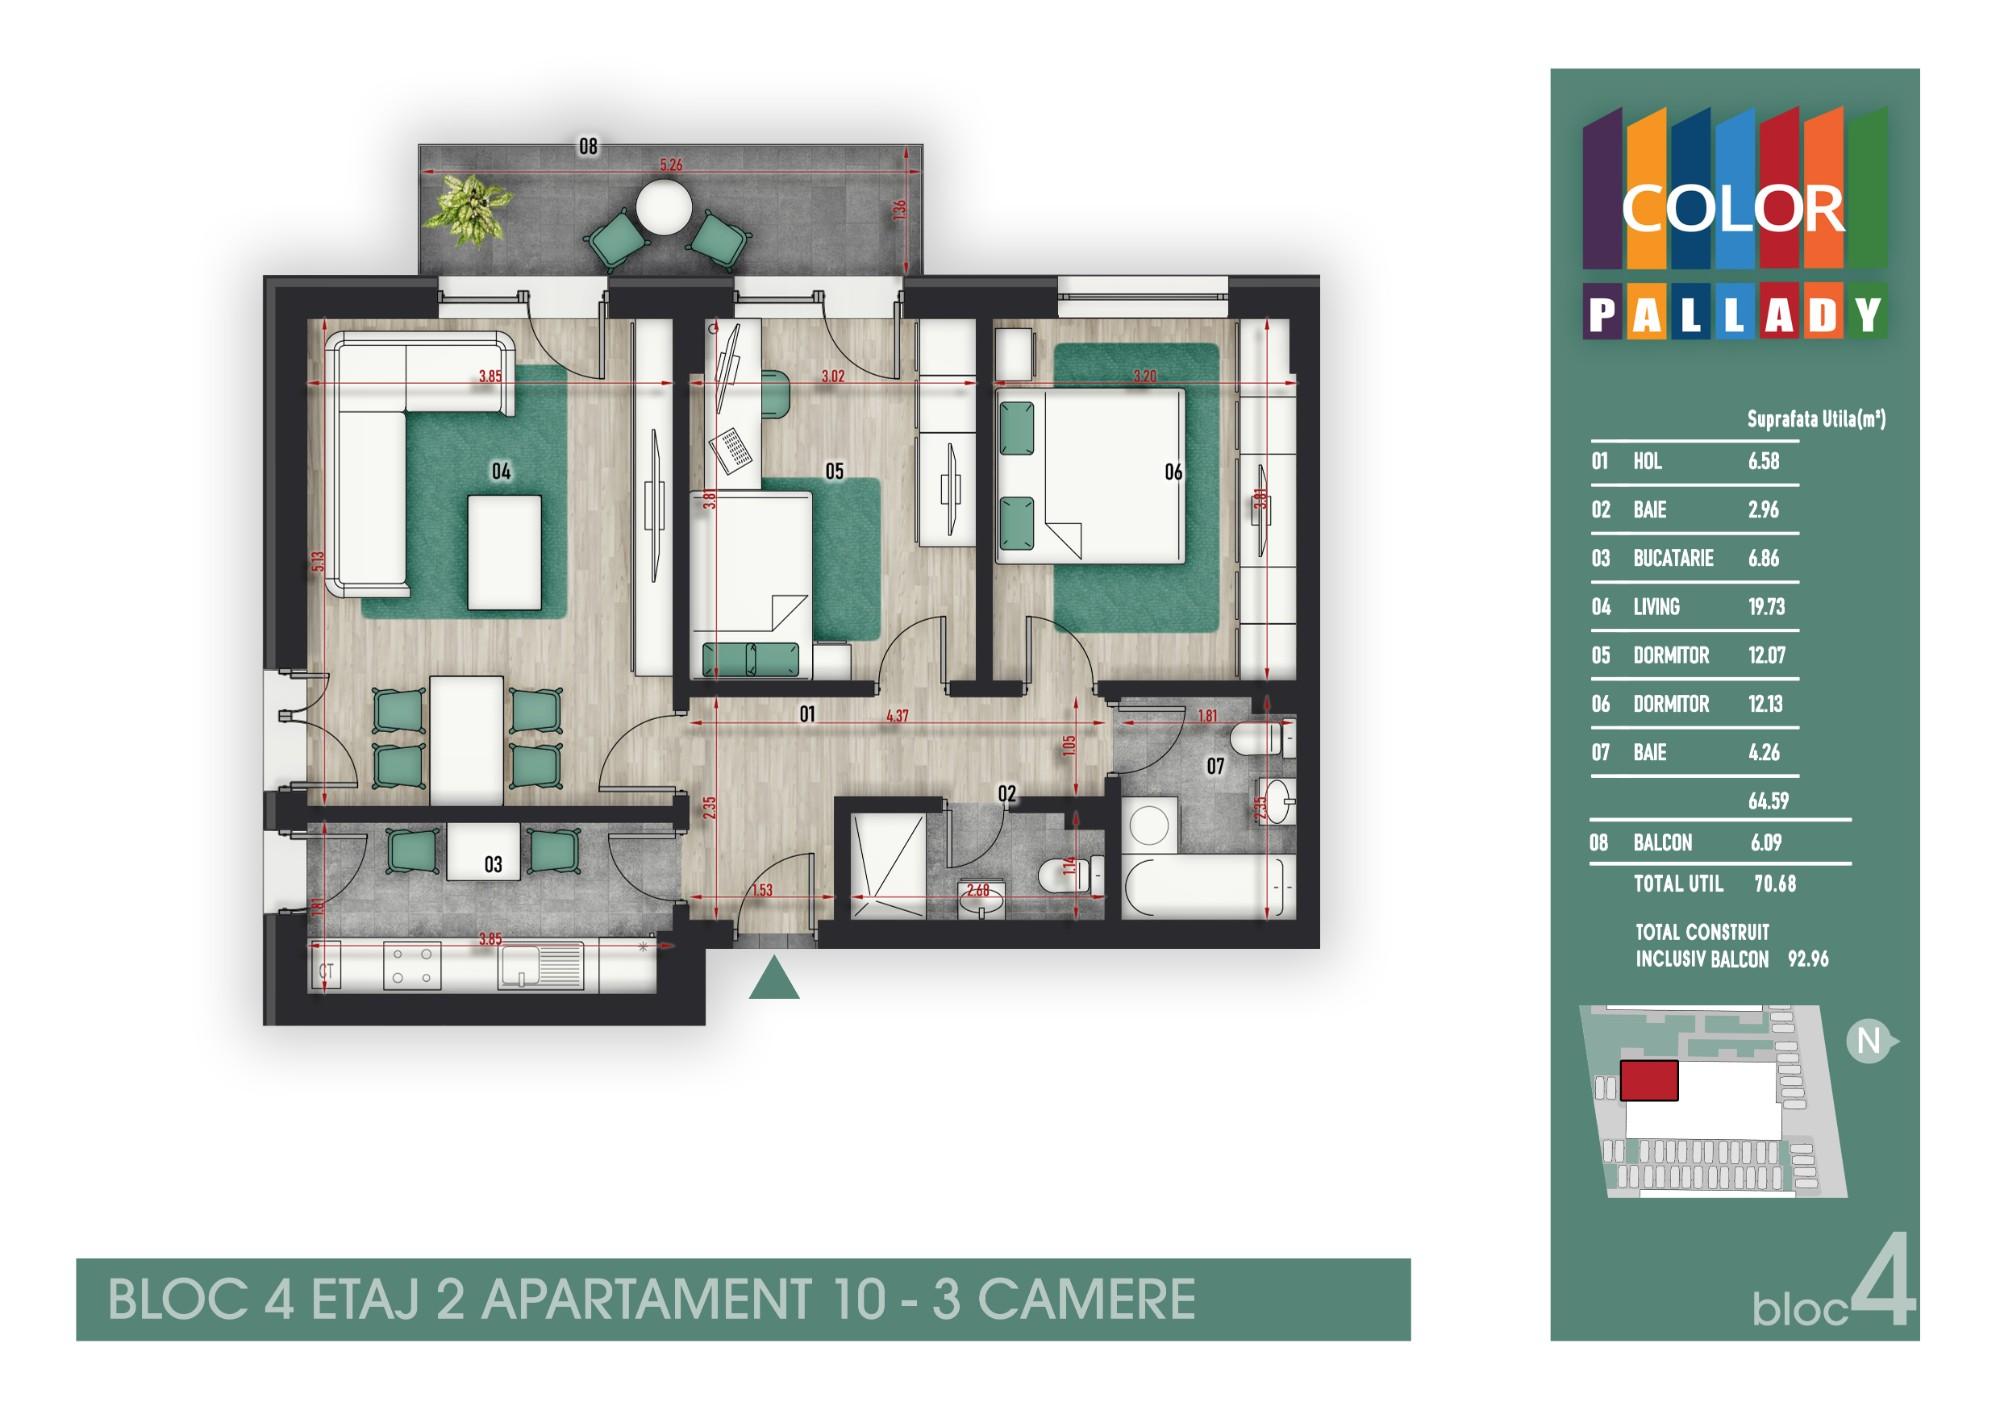 Bloc 4 - Etaj 2 - Apartament 10